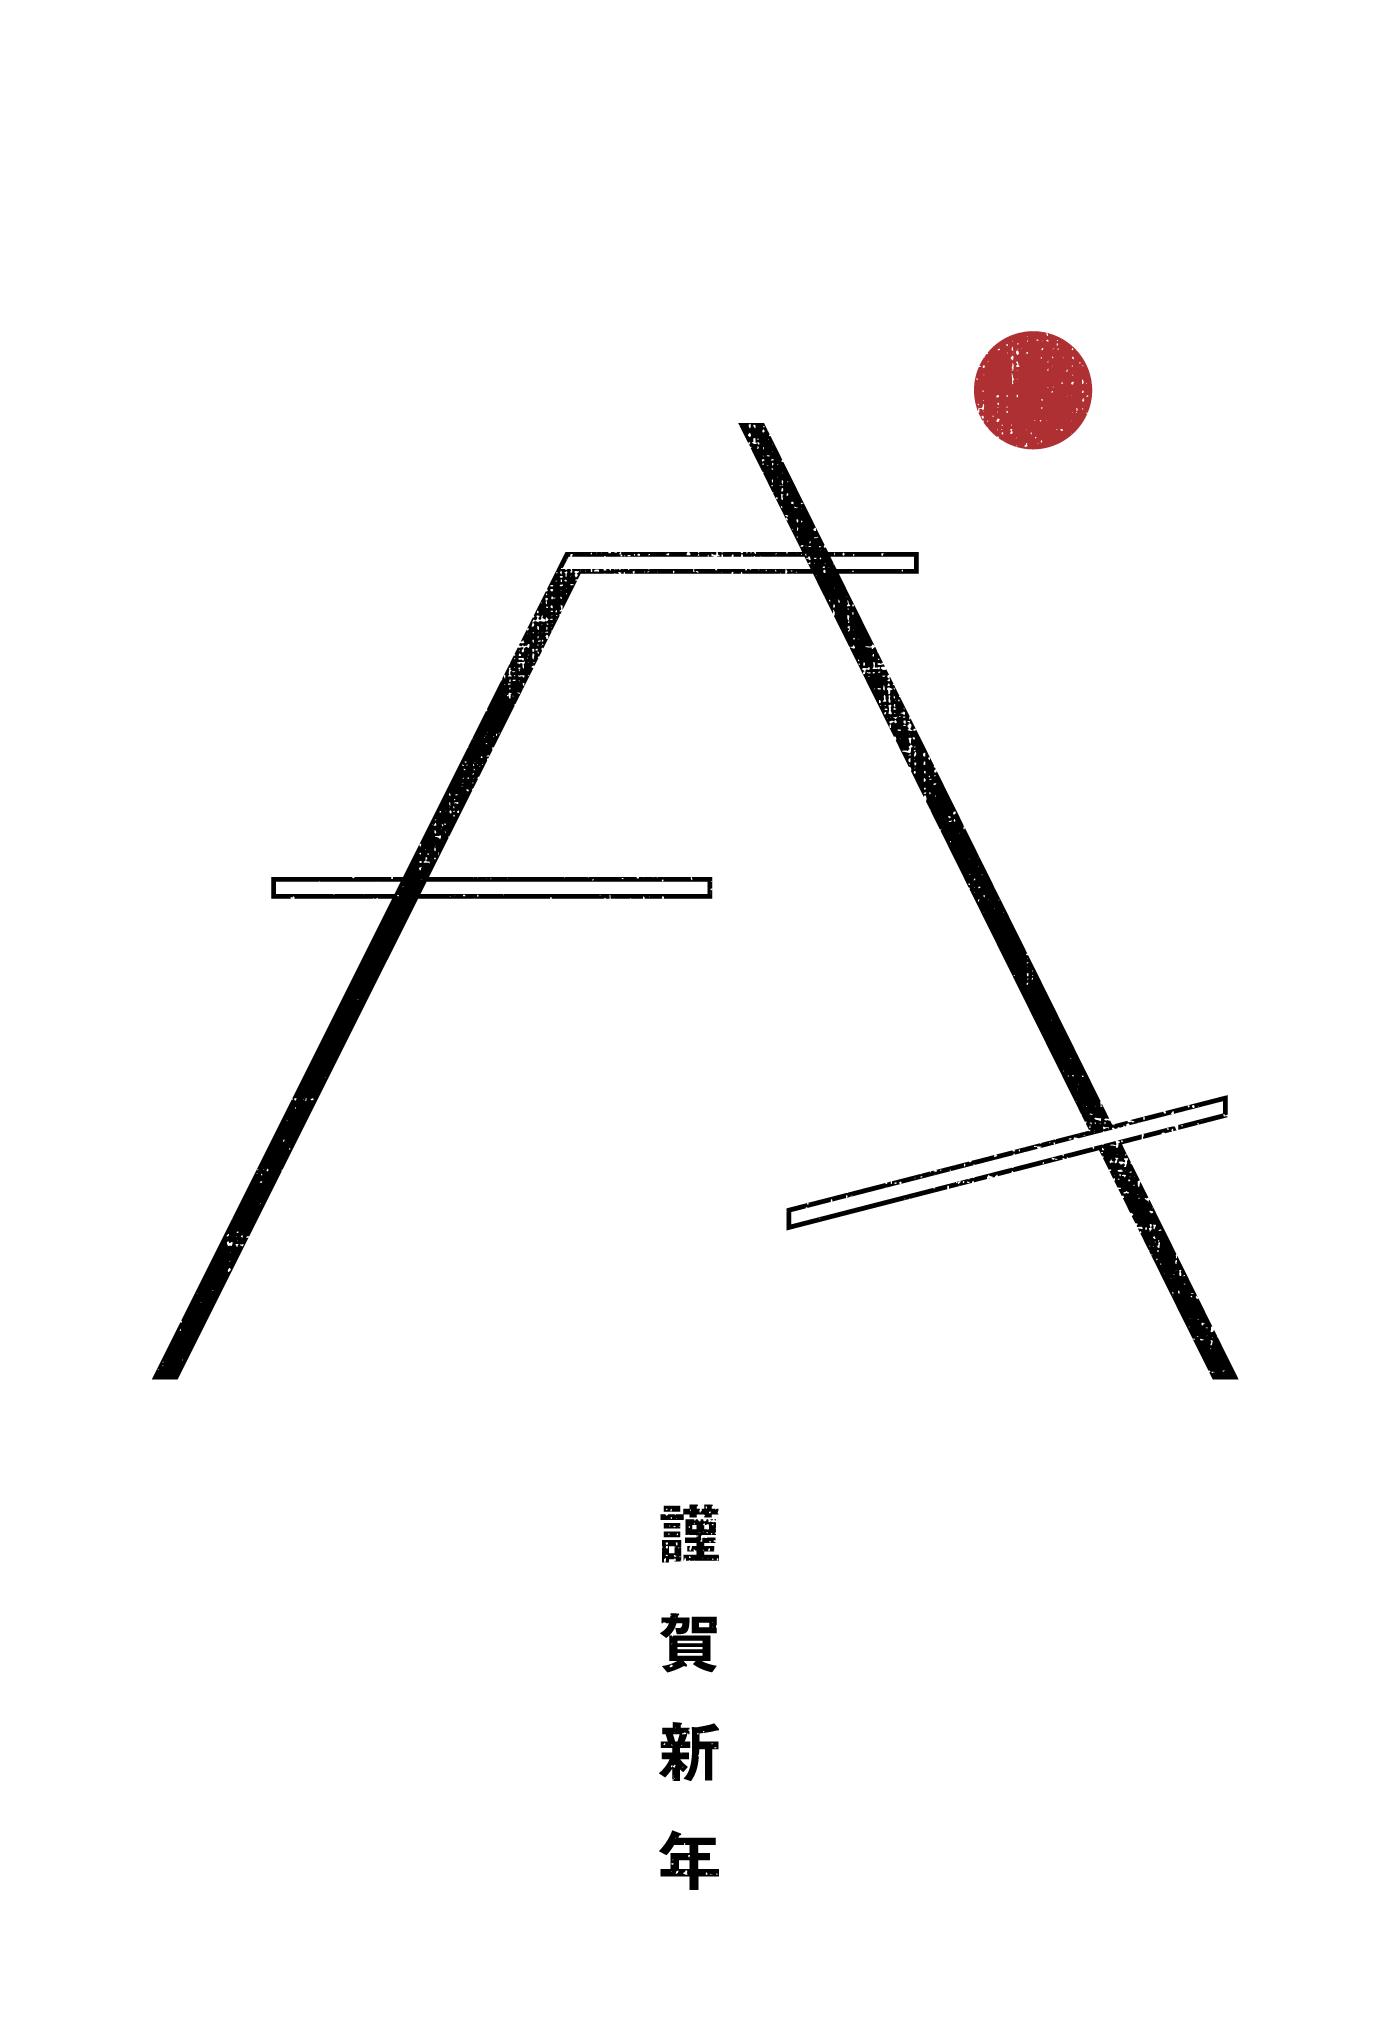 2018年賀状15-2:Mt.戌 / 2のダウンロード画像